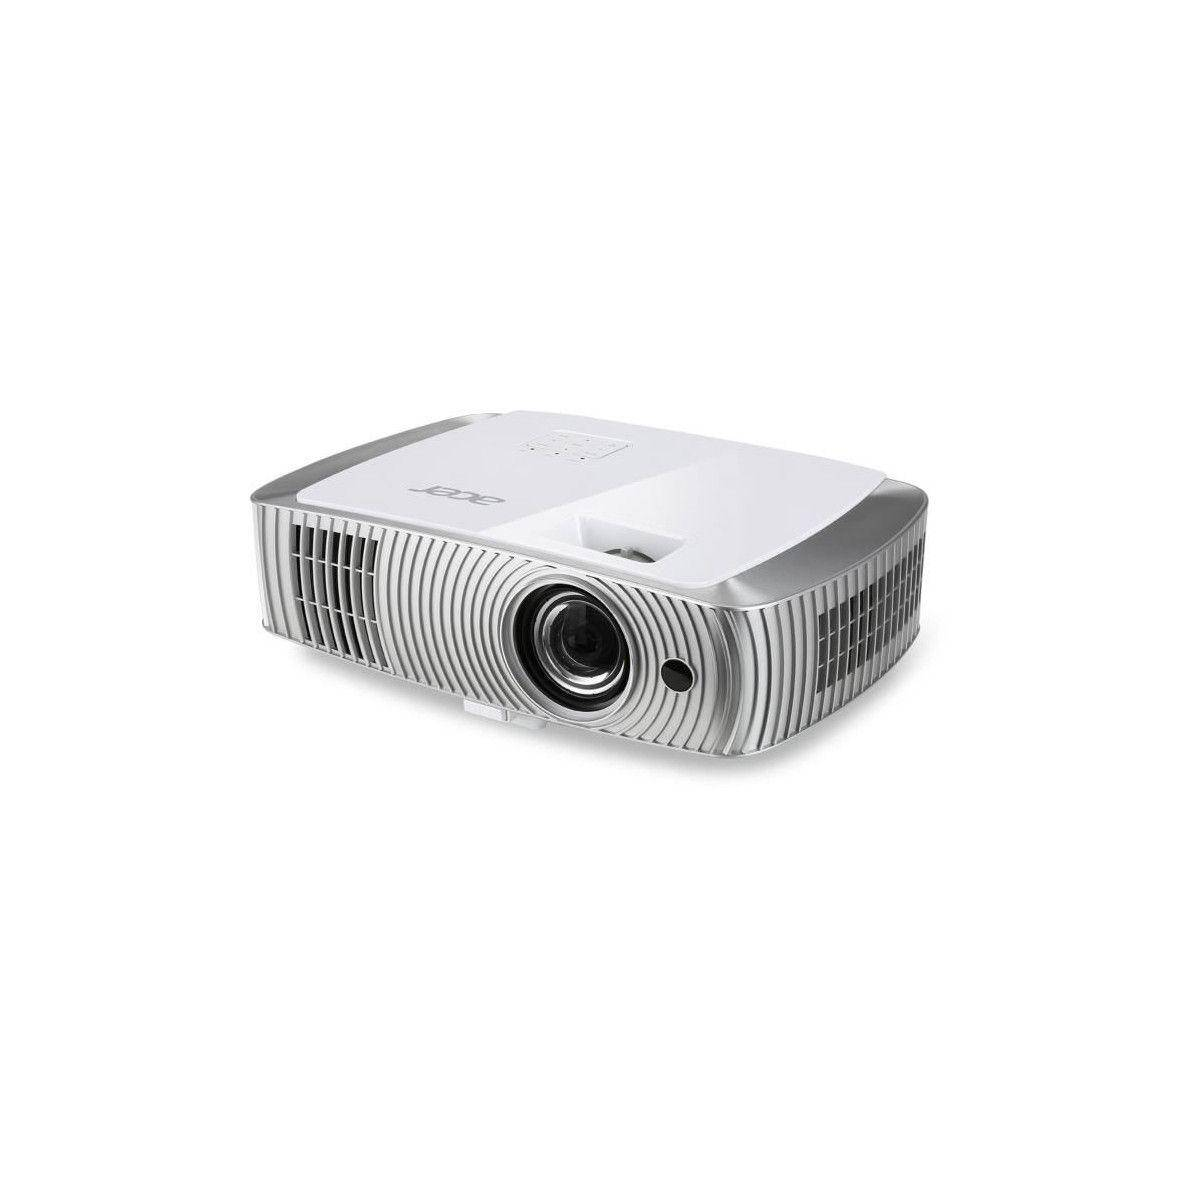 ACER H7550ST Videoprojecteur FULL HD Courte focale - Connexion Audio Bluetooth